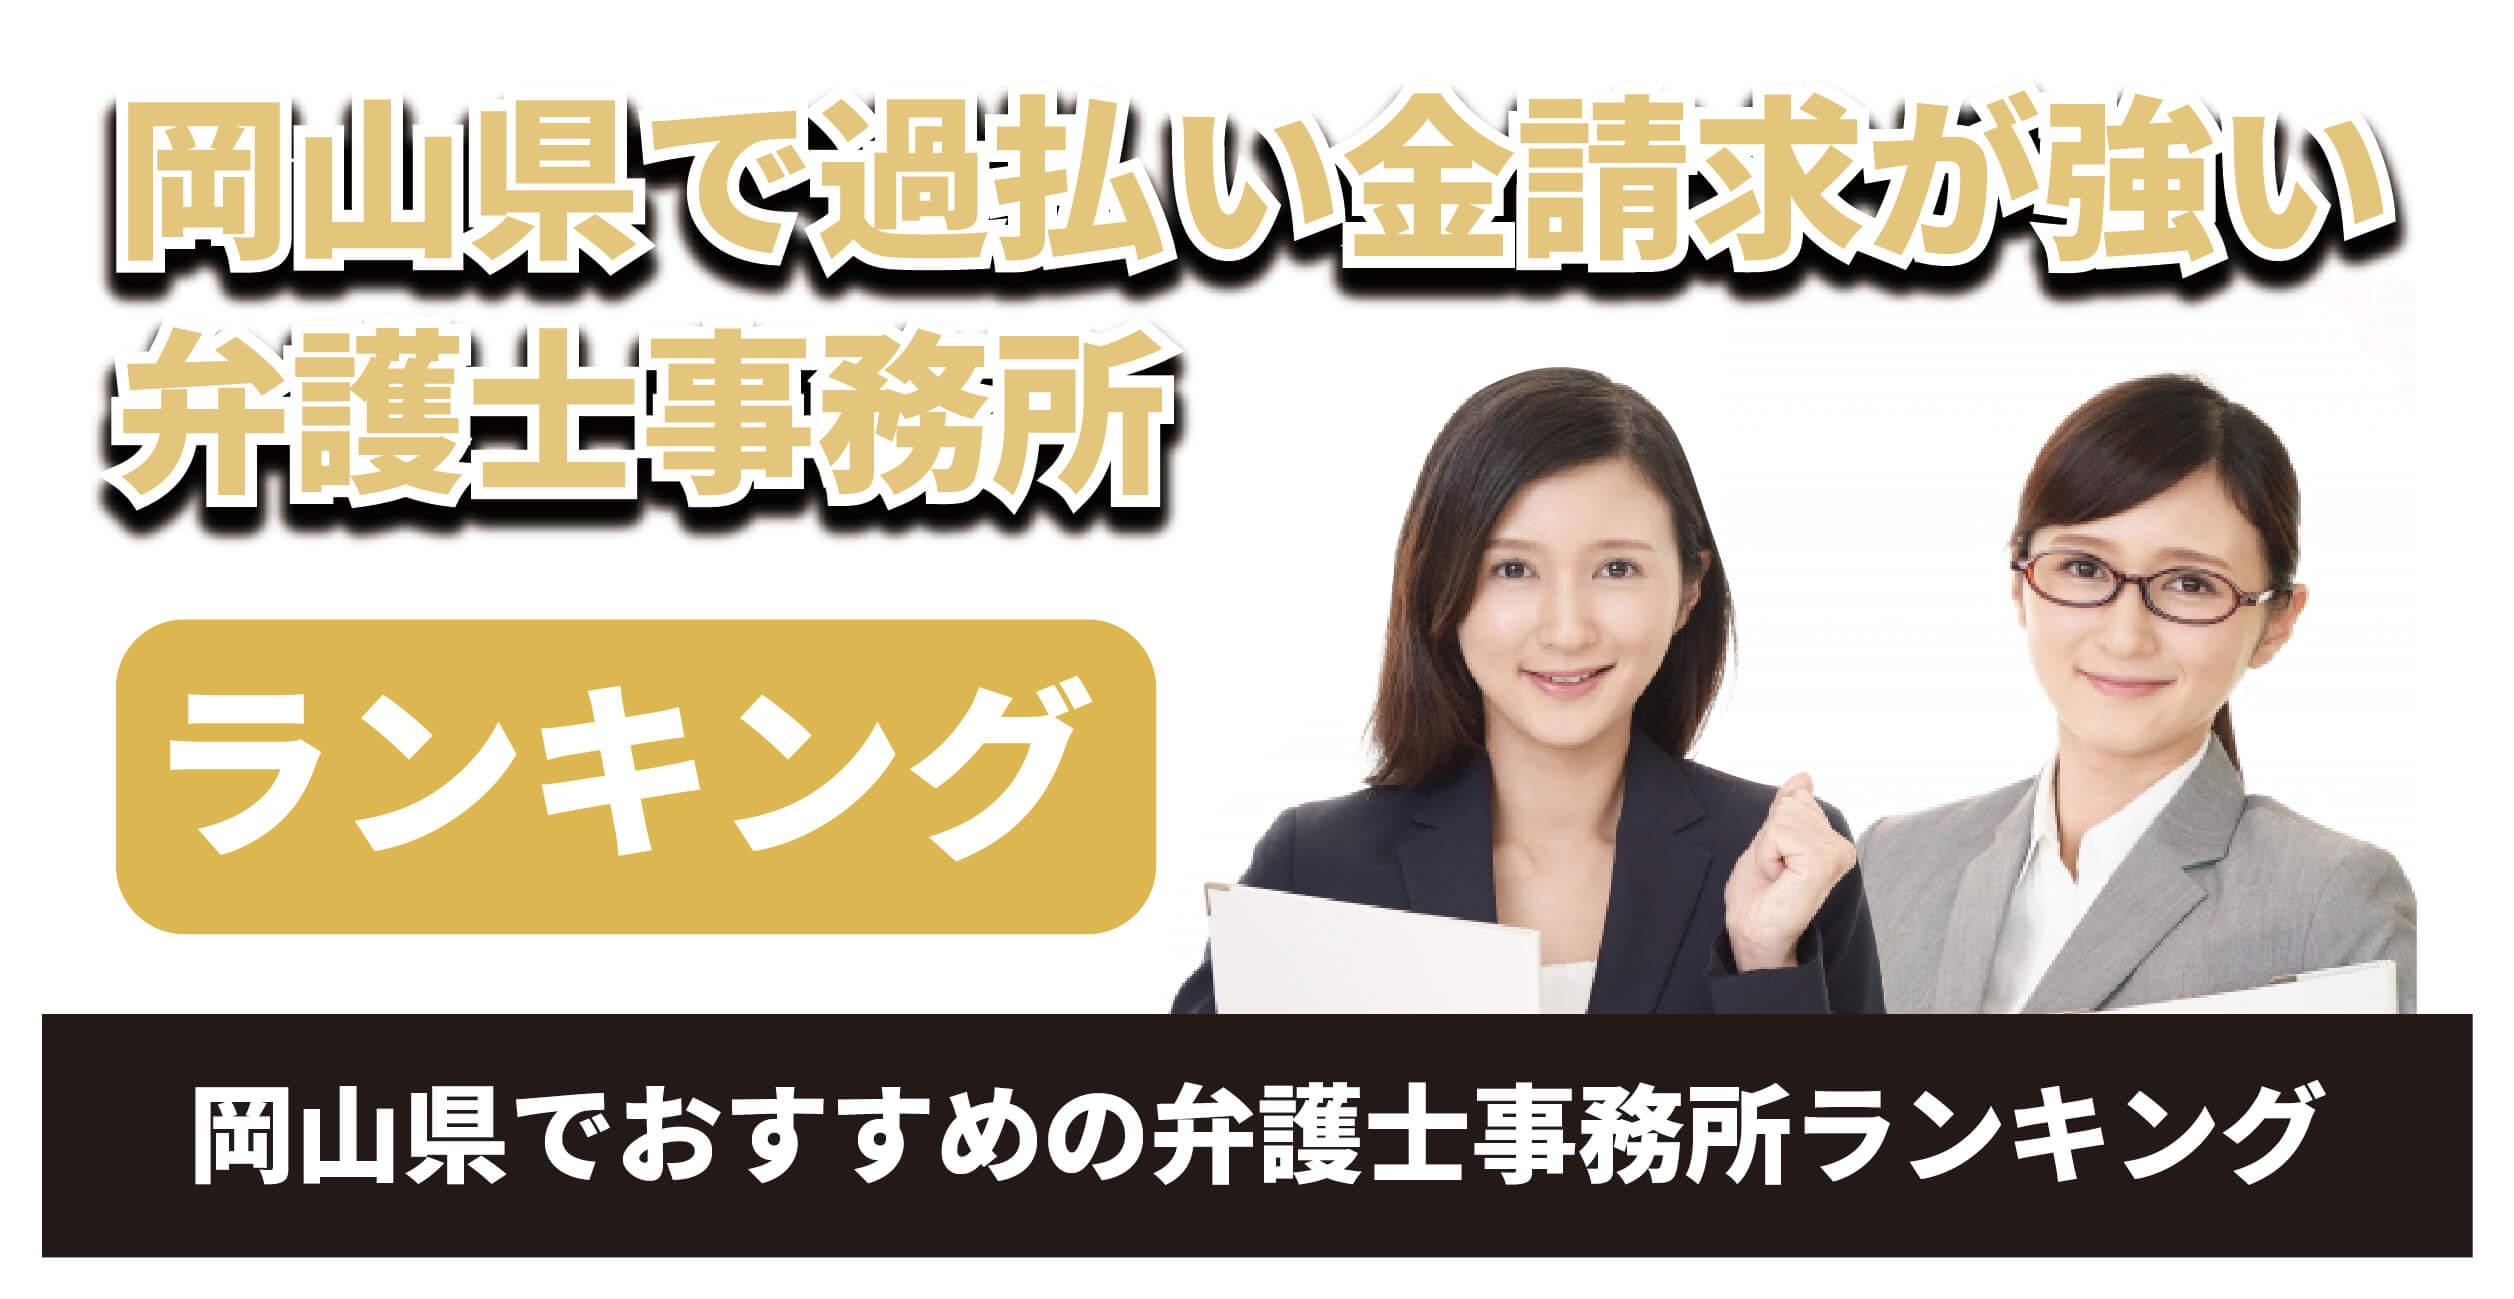 岡山県で過払い金請求に強い弁護士事務所